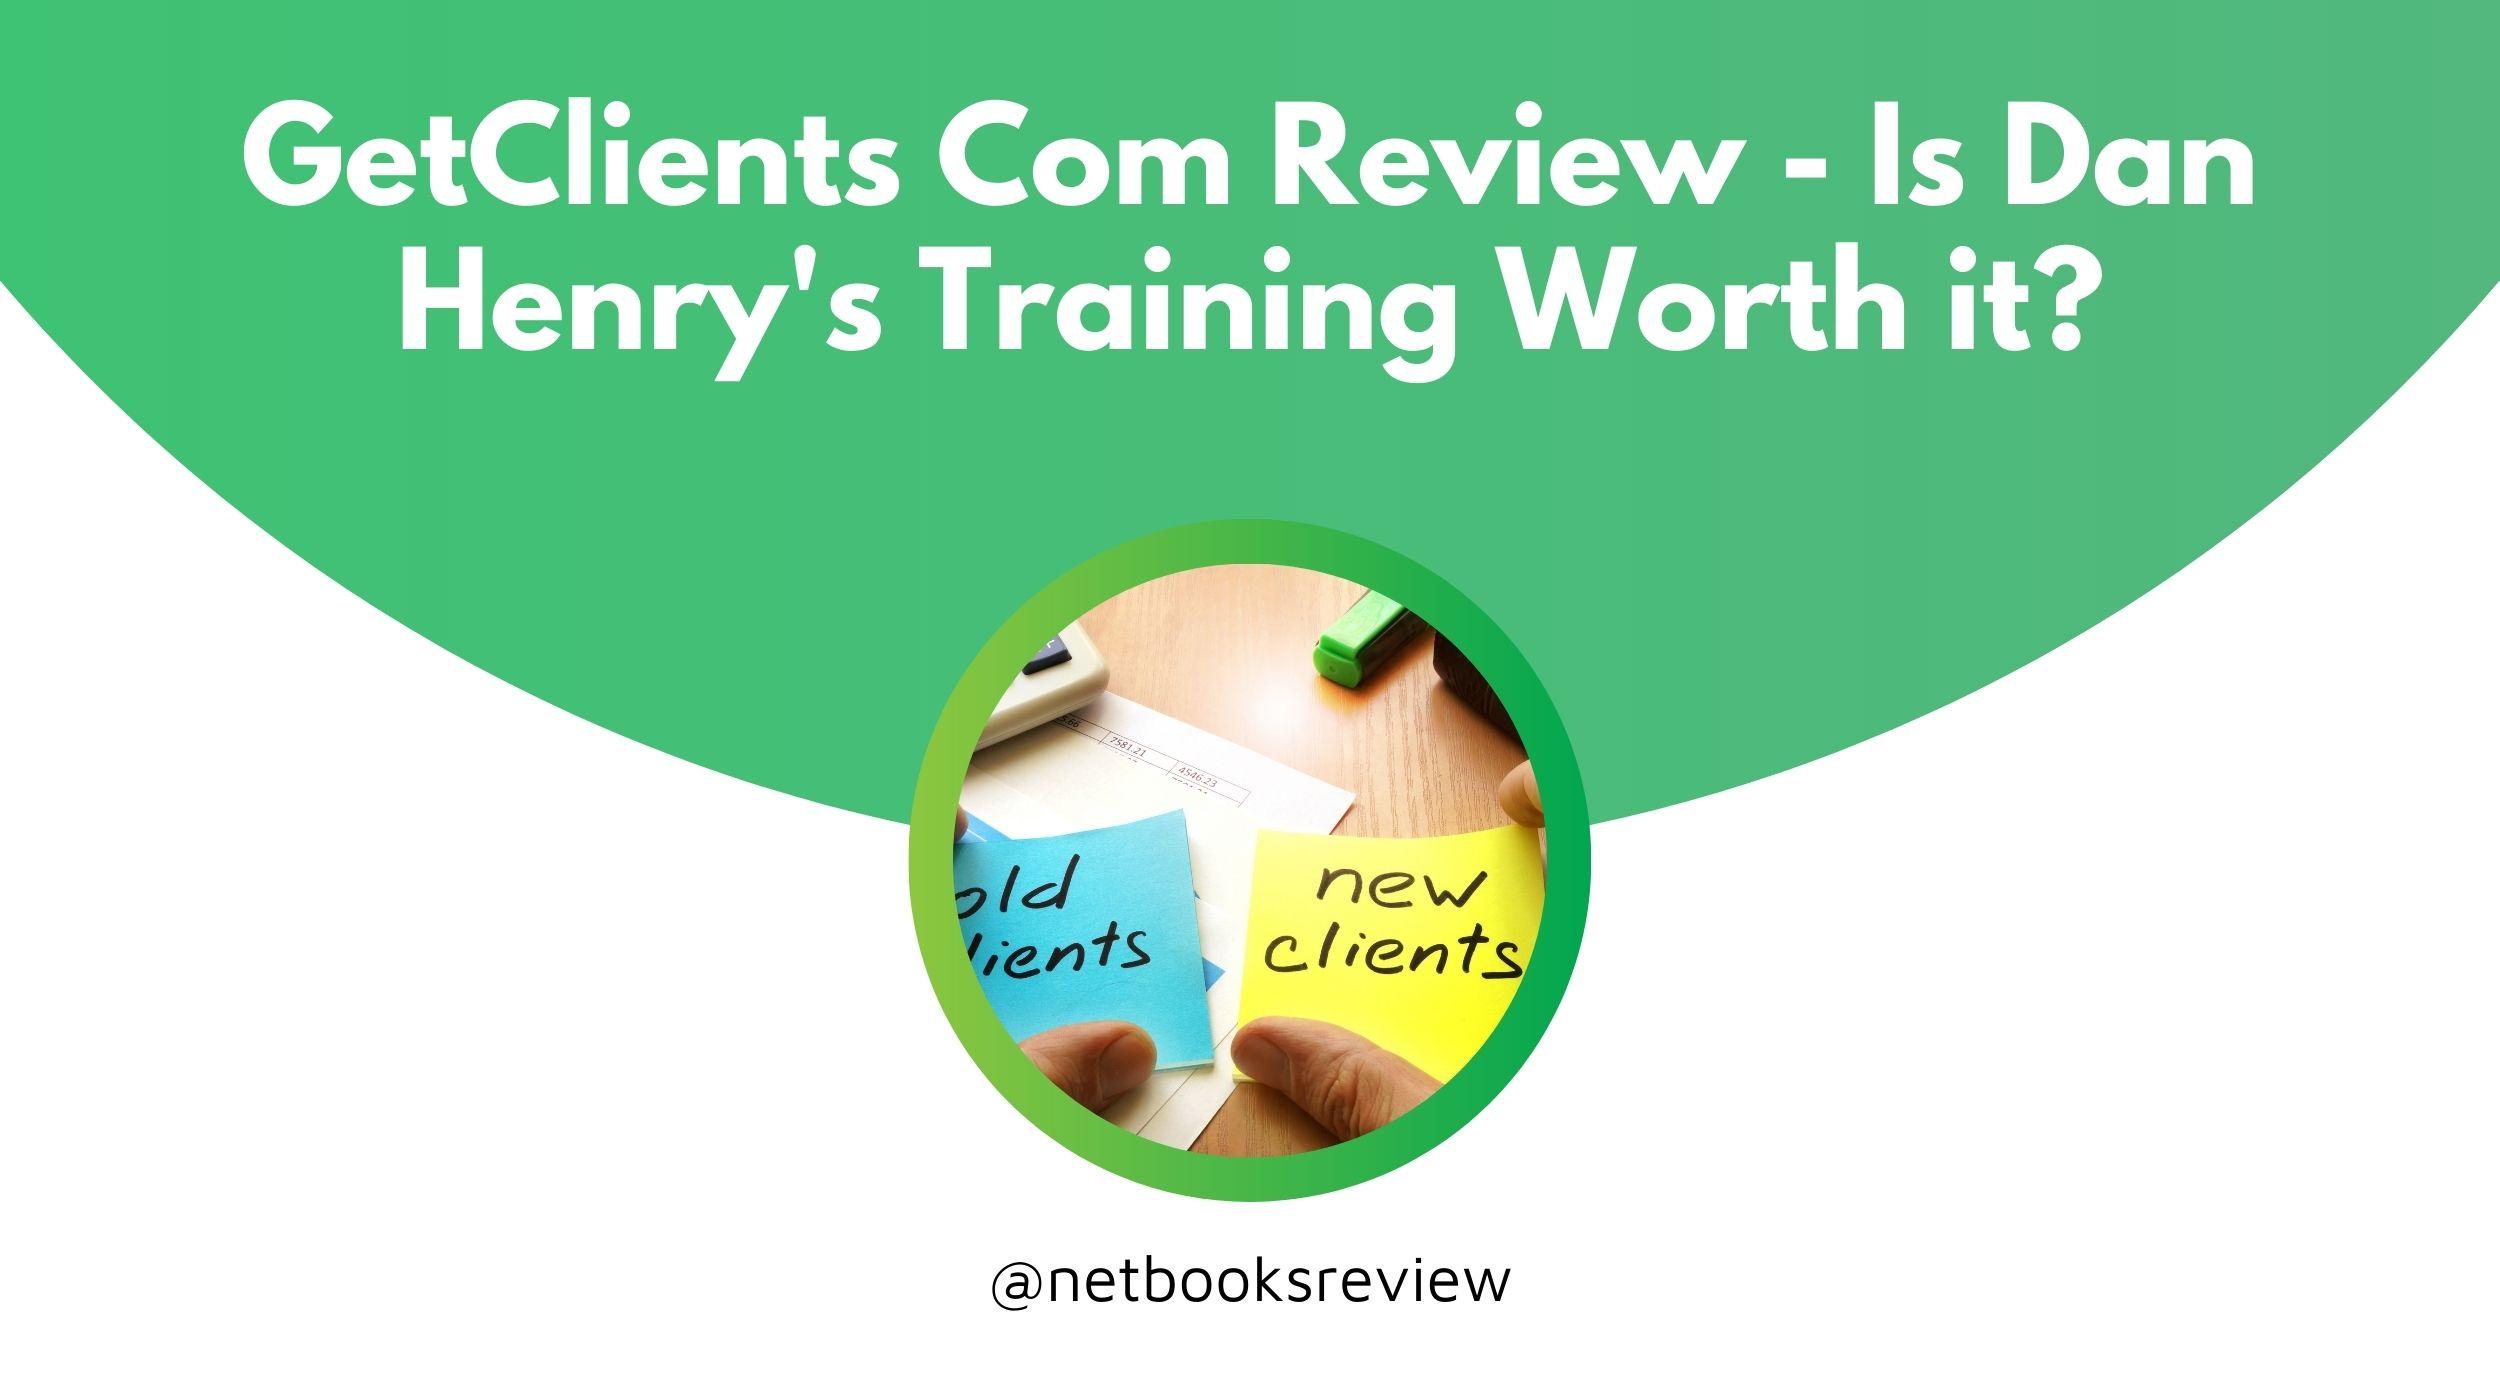 GetClients Com review